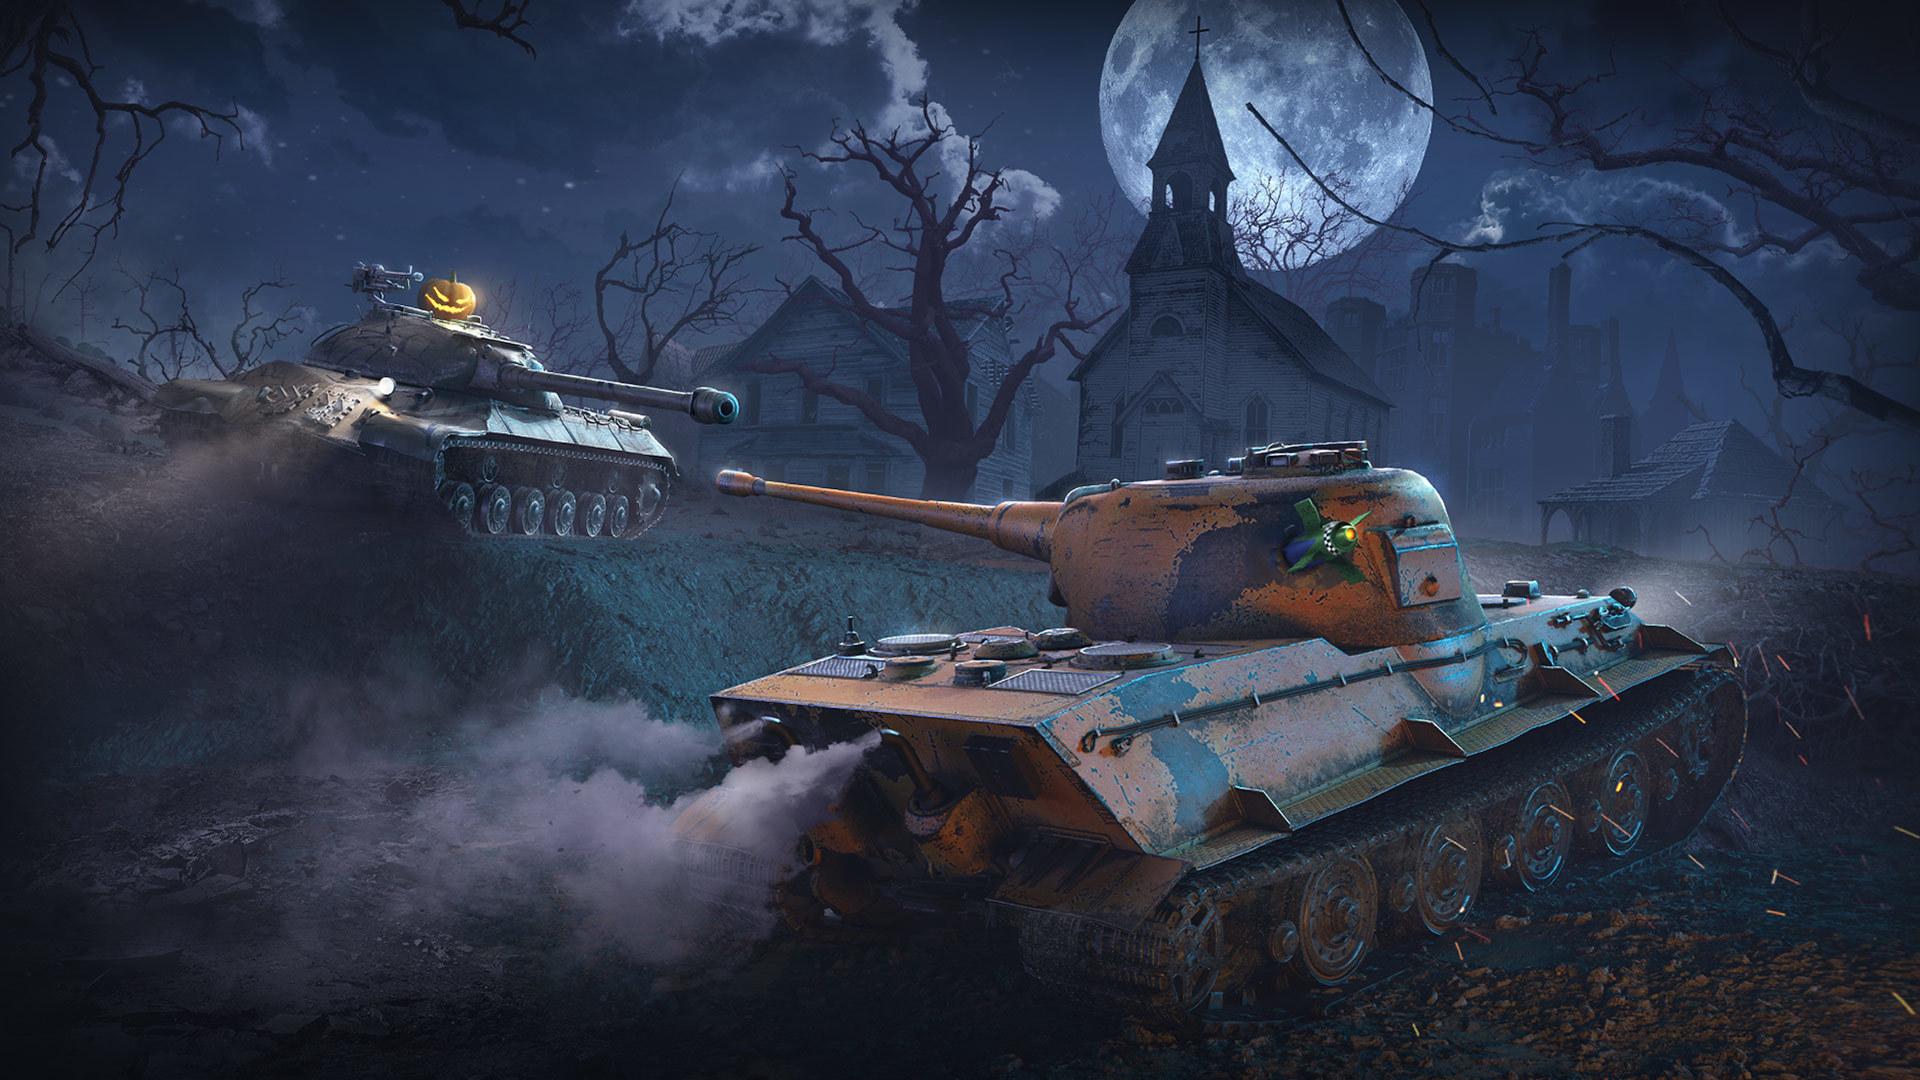 World of Tanks Blitz :: Blitz horror story